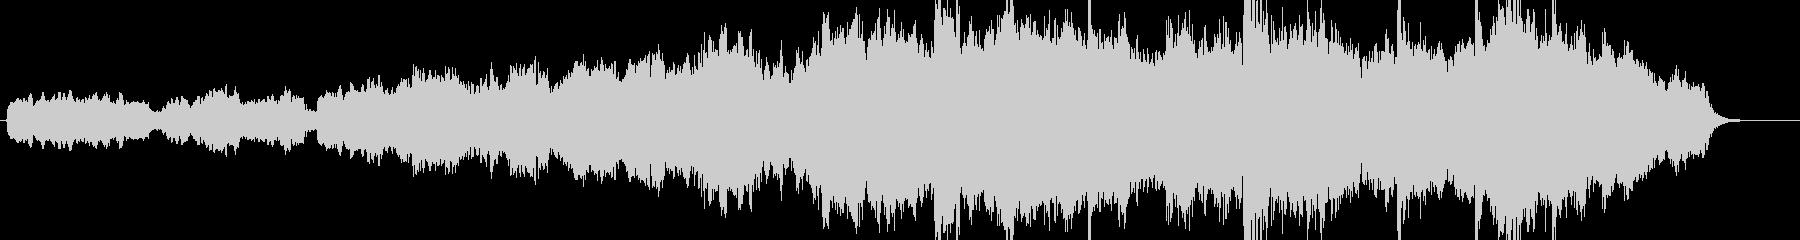 悲しいオーボエとオケーストラの楽曲の未再生の波形